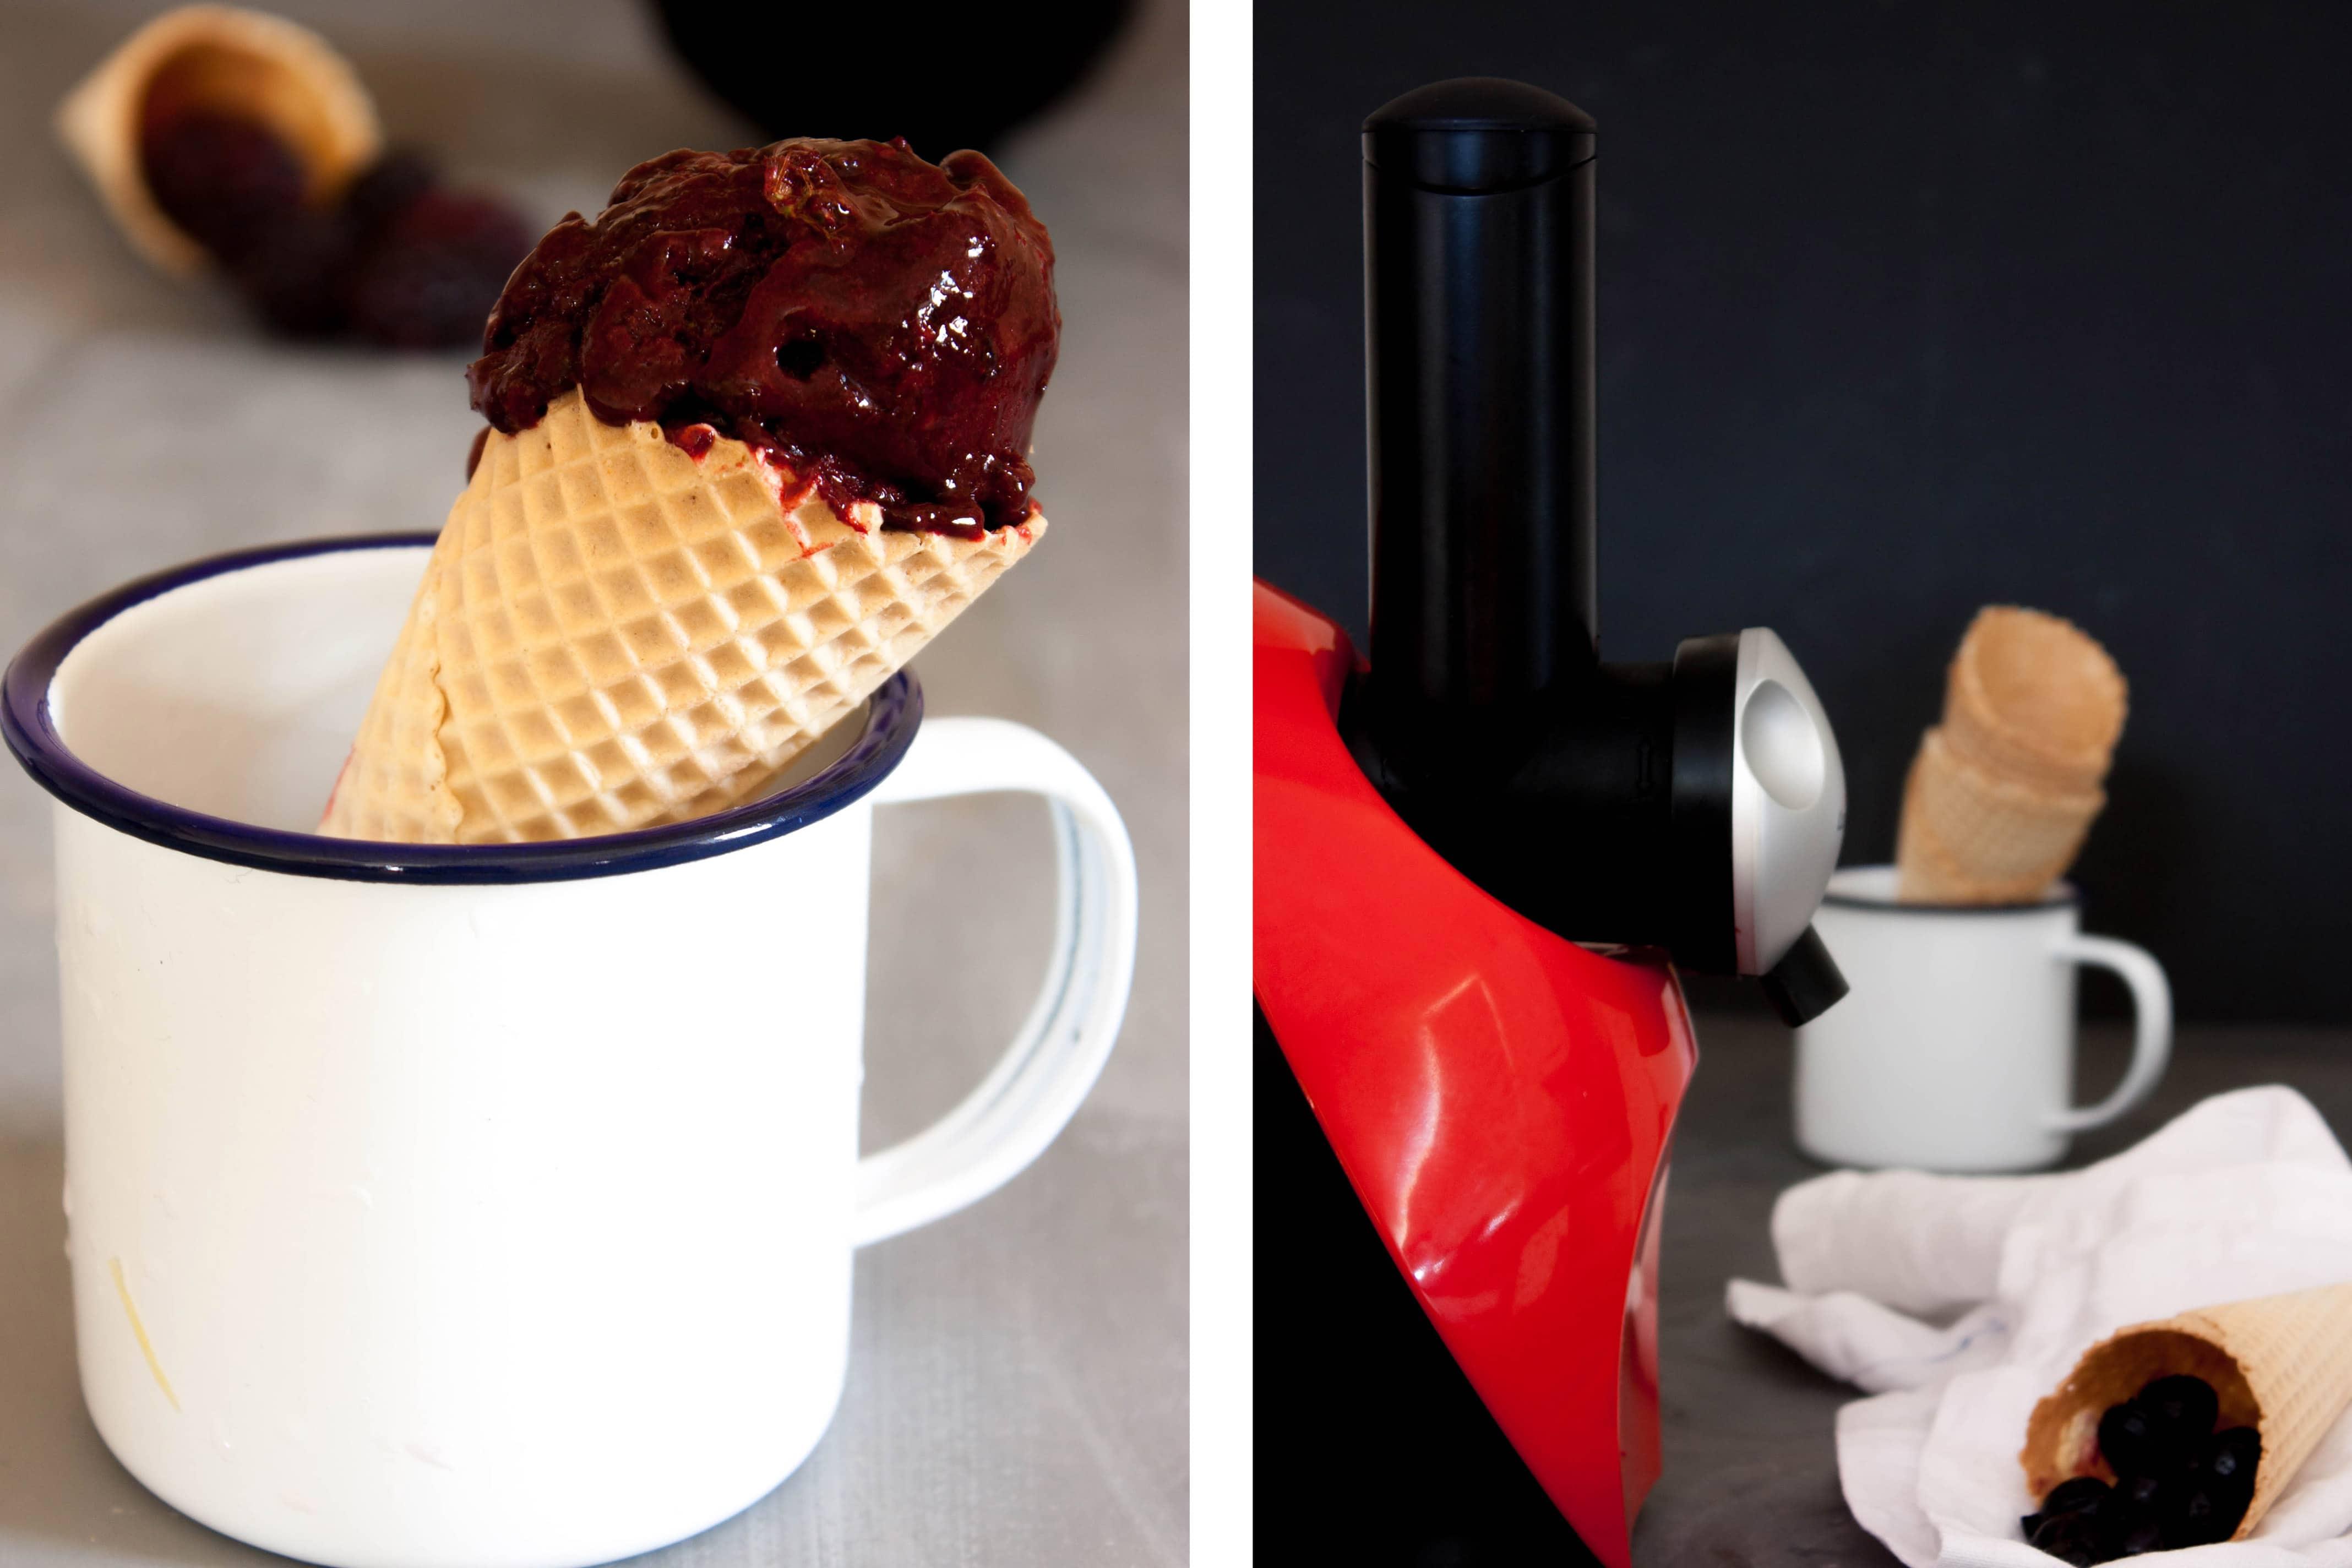 Como hacer helado de mora